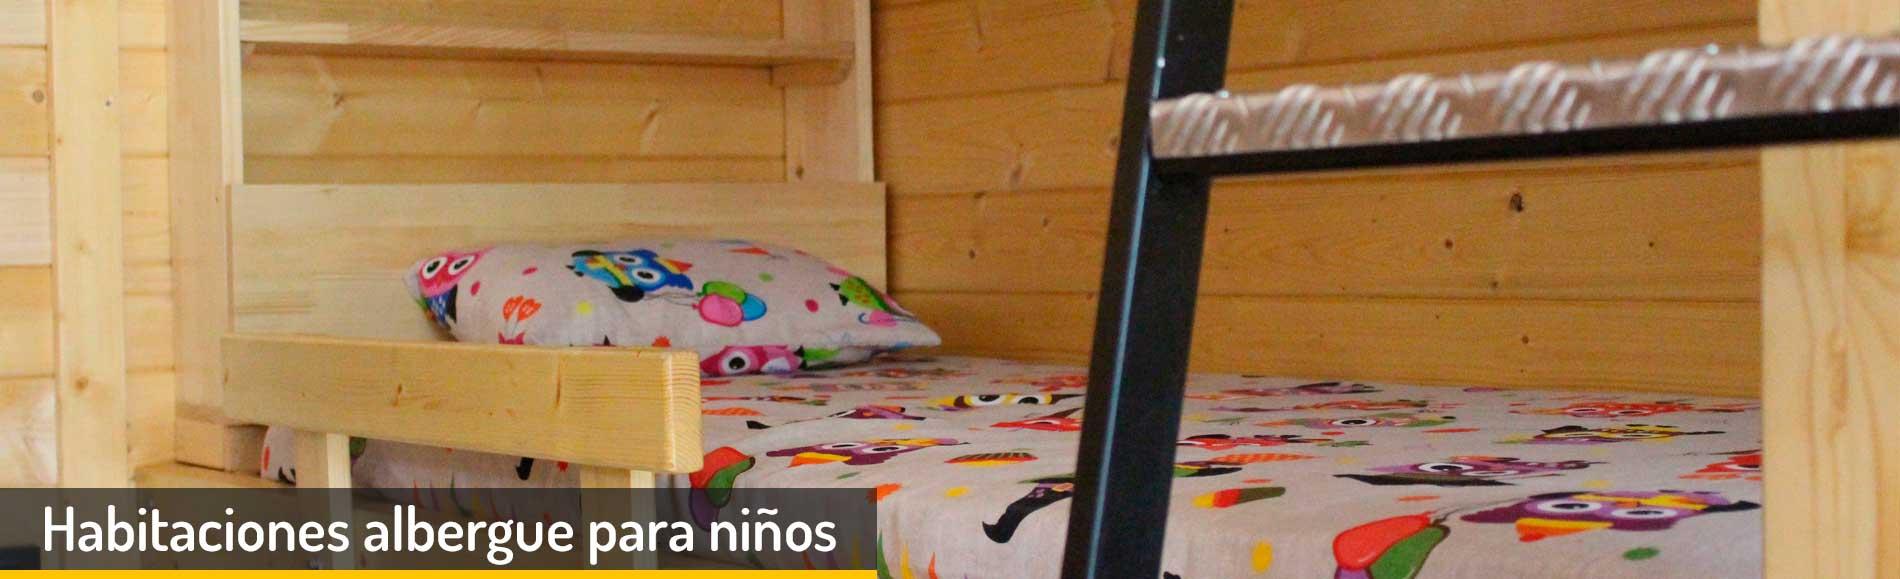 habitaciones-albergue-2